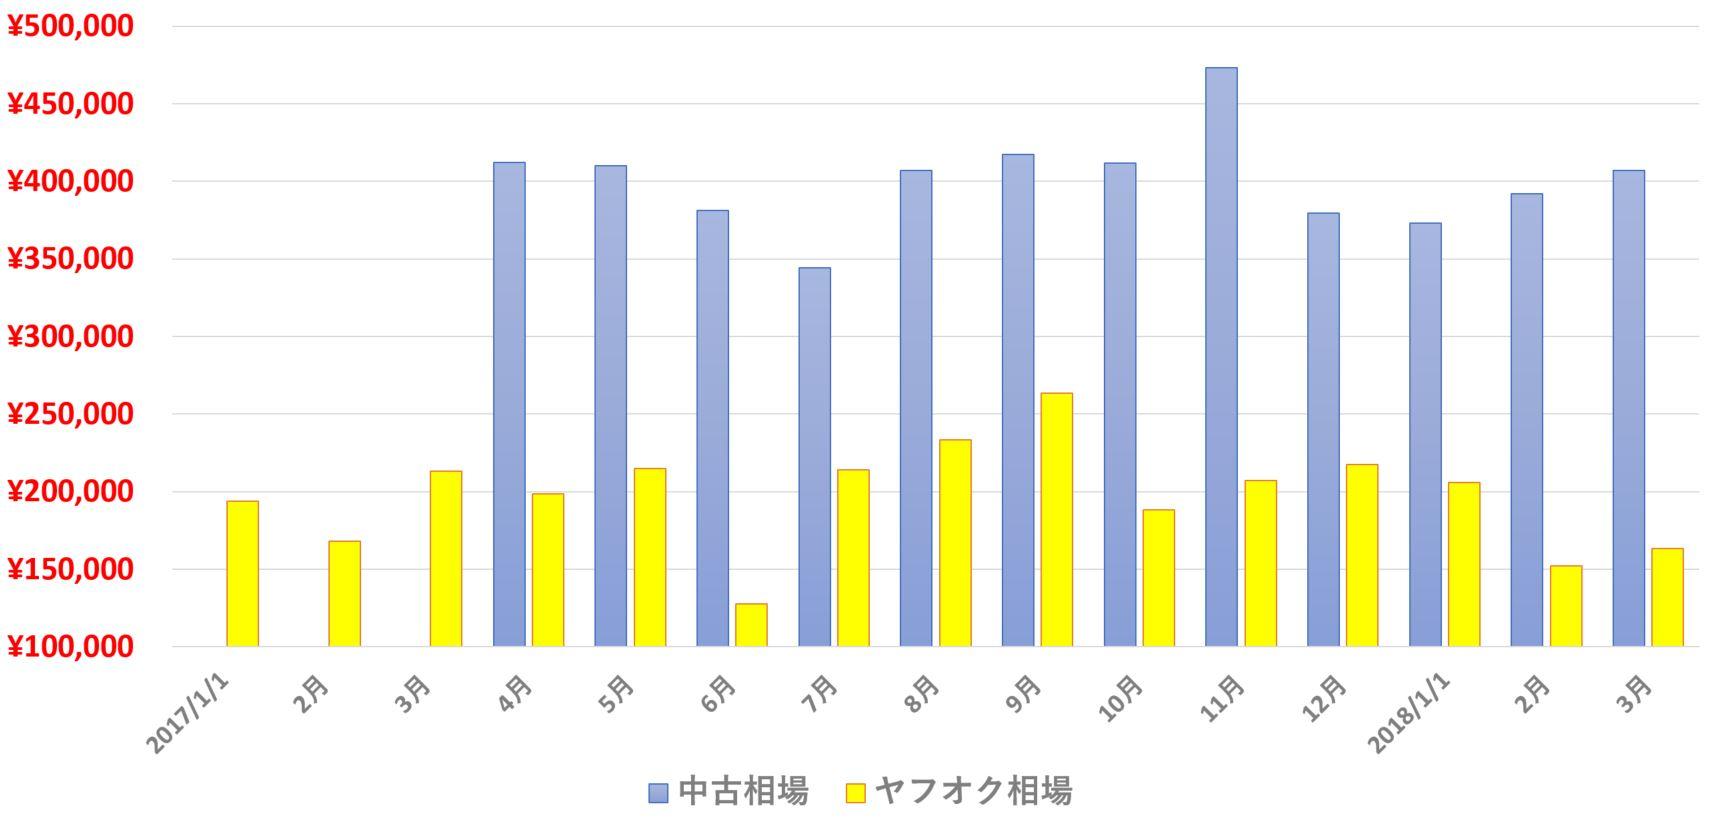 2017年、2018年のMC22のヤフーオークションの落札結果